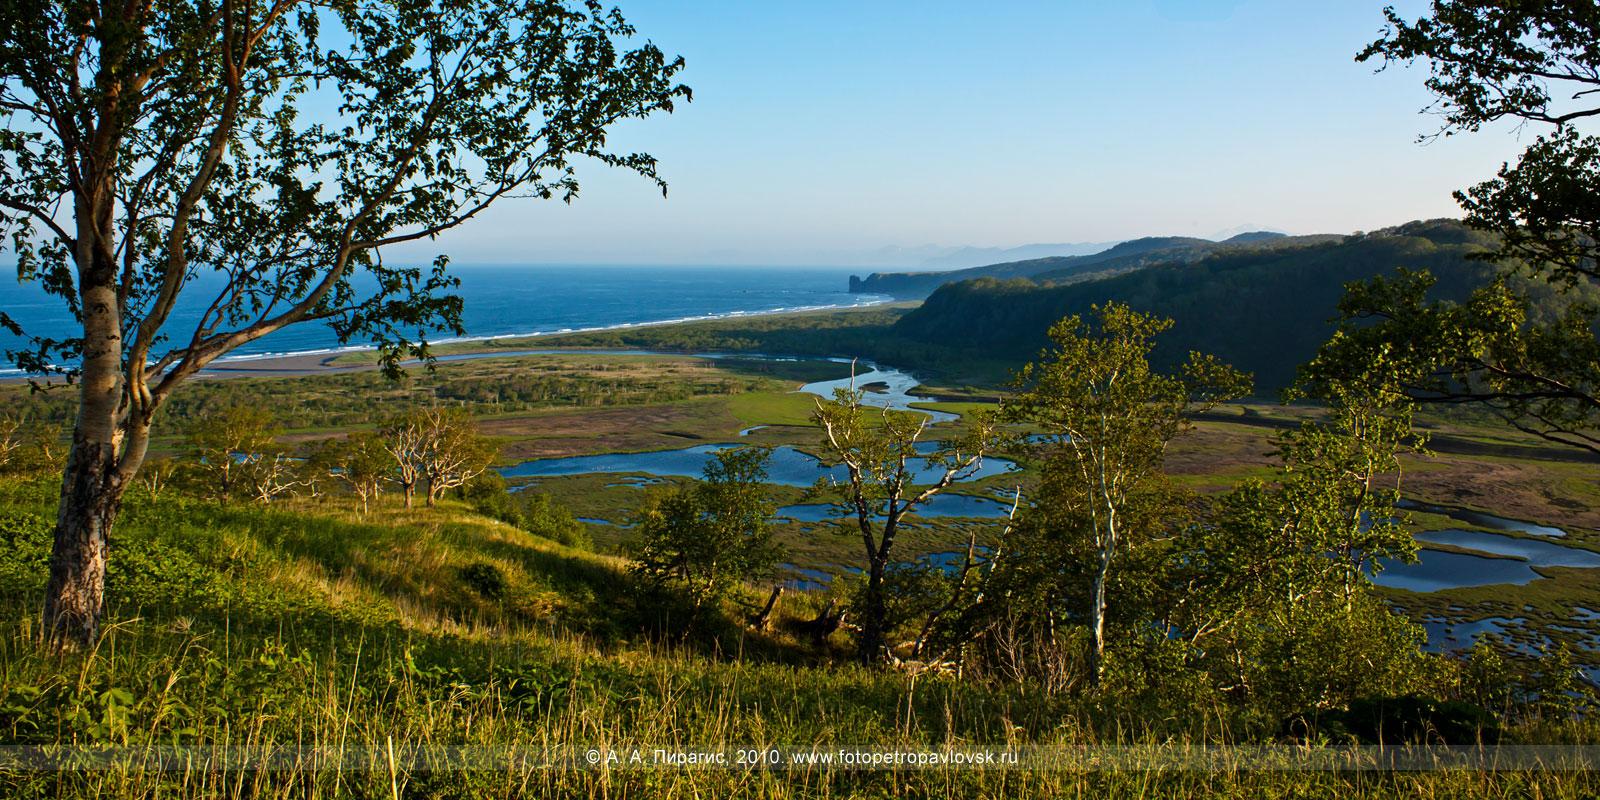 Фотография: панорама — вид на озеро Приливное, Авачинский залив Тихого океана (окрестности города Петропавловска-Камчатского)